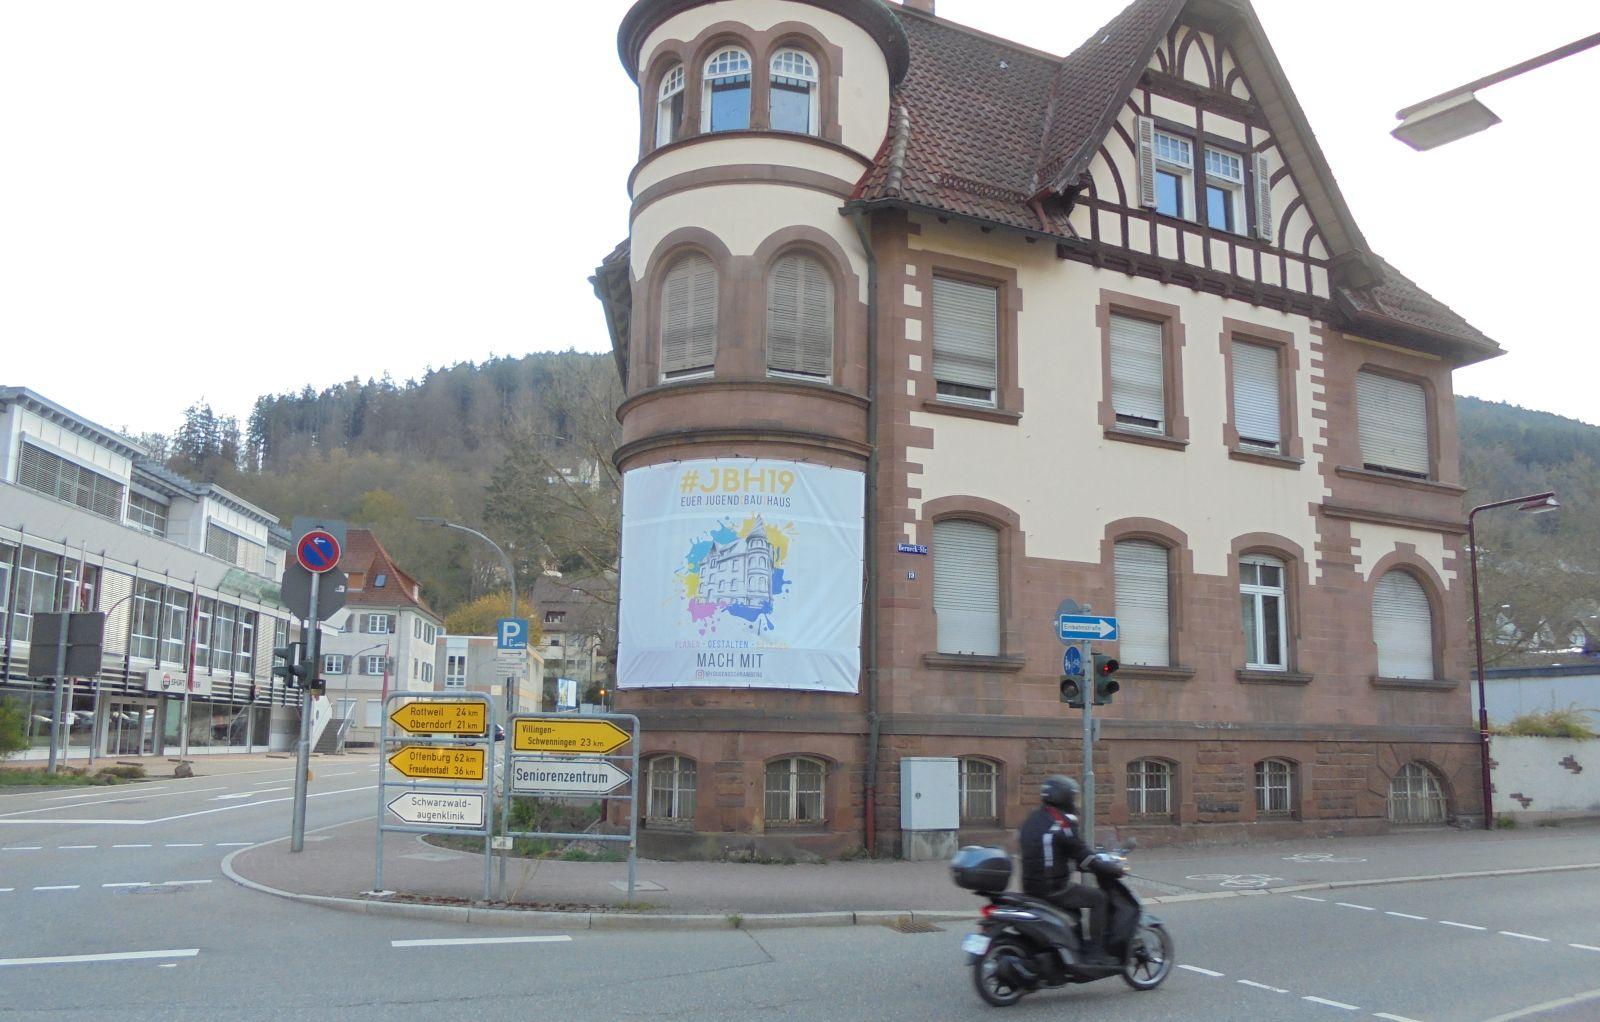 Ein Banner wirbt für JBH 19. Fotos: him